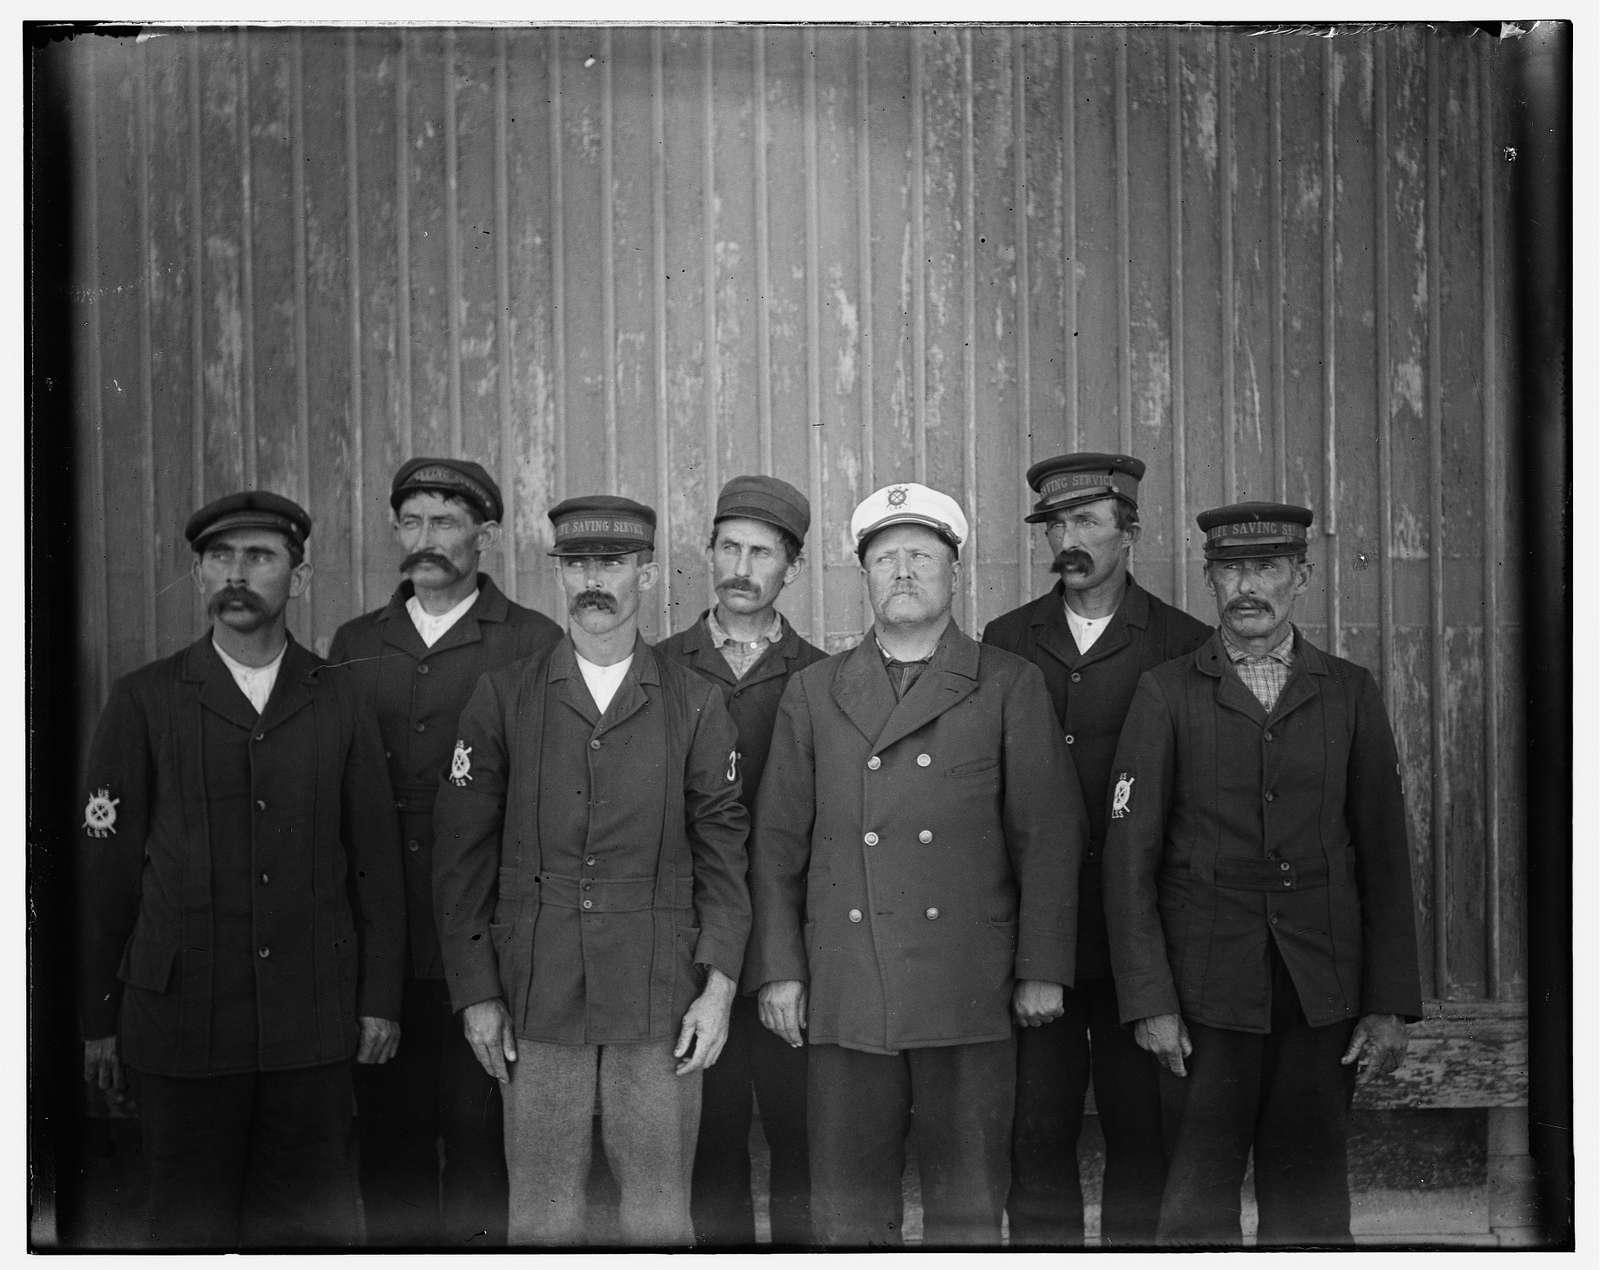 [Kitty Hawk lifesaving crew: Captain Joseph Payne, Oliver T[...]ford, Jos. Best, Ben Toler, Tom Suerling, and Tom Heintz]